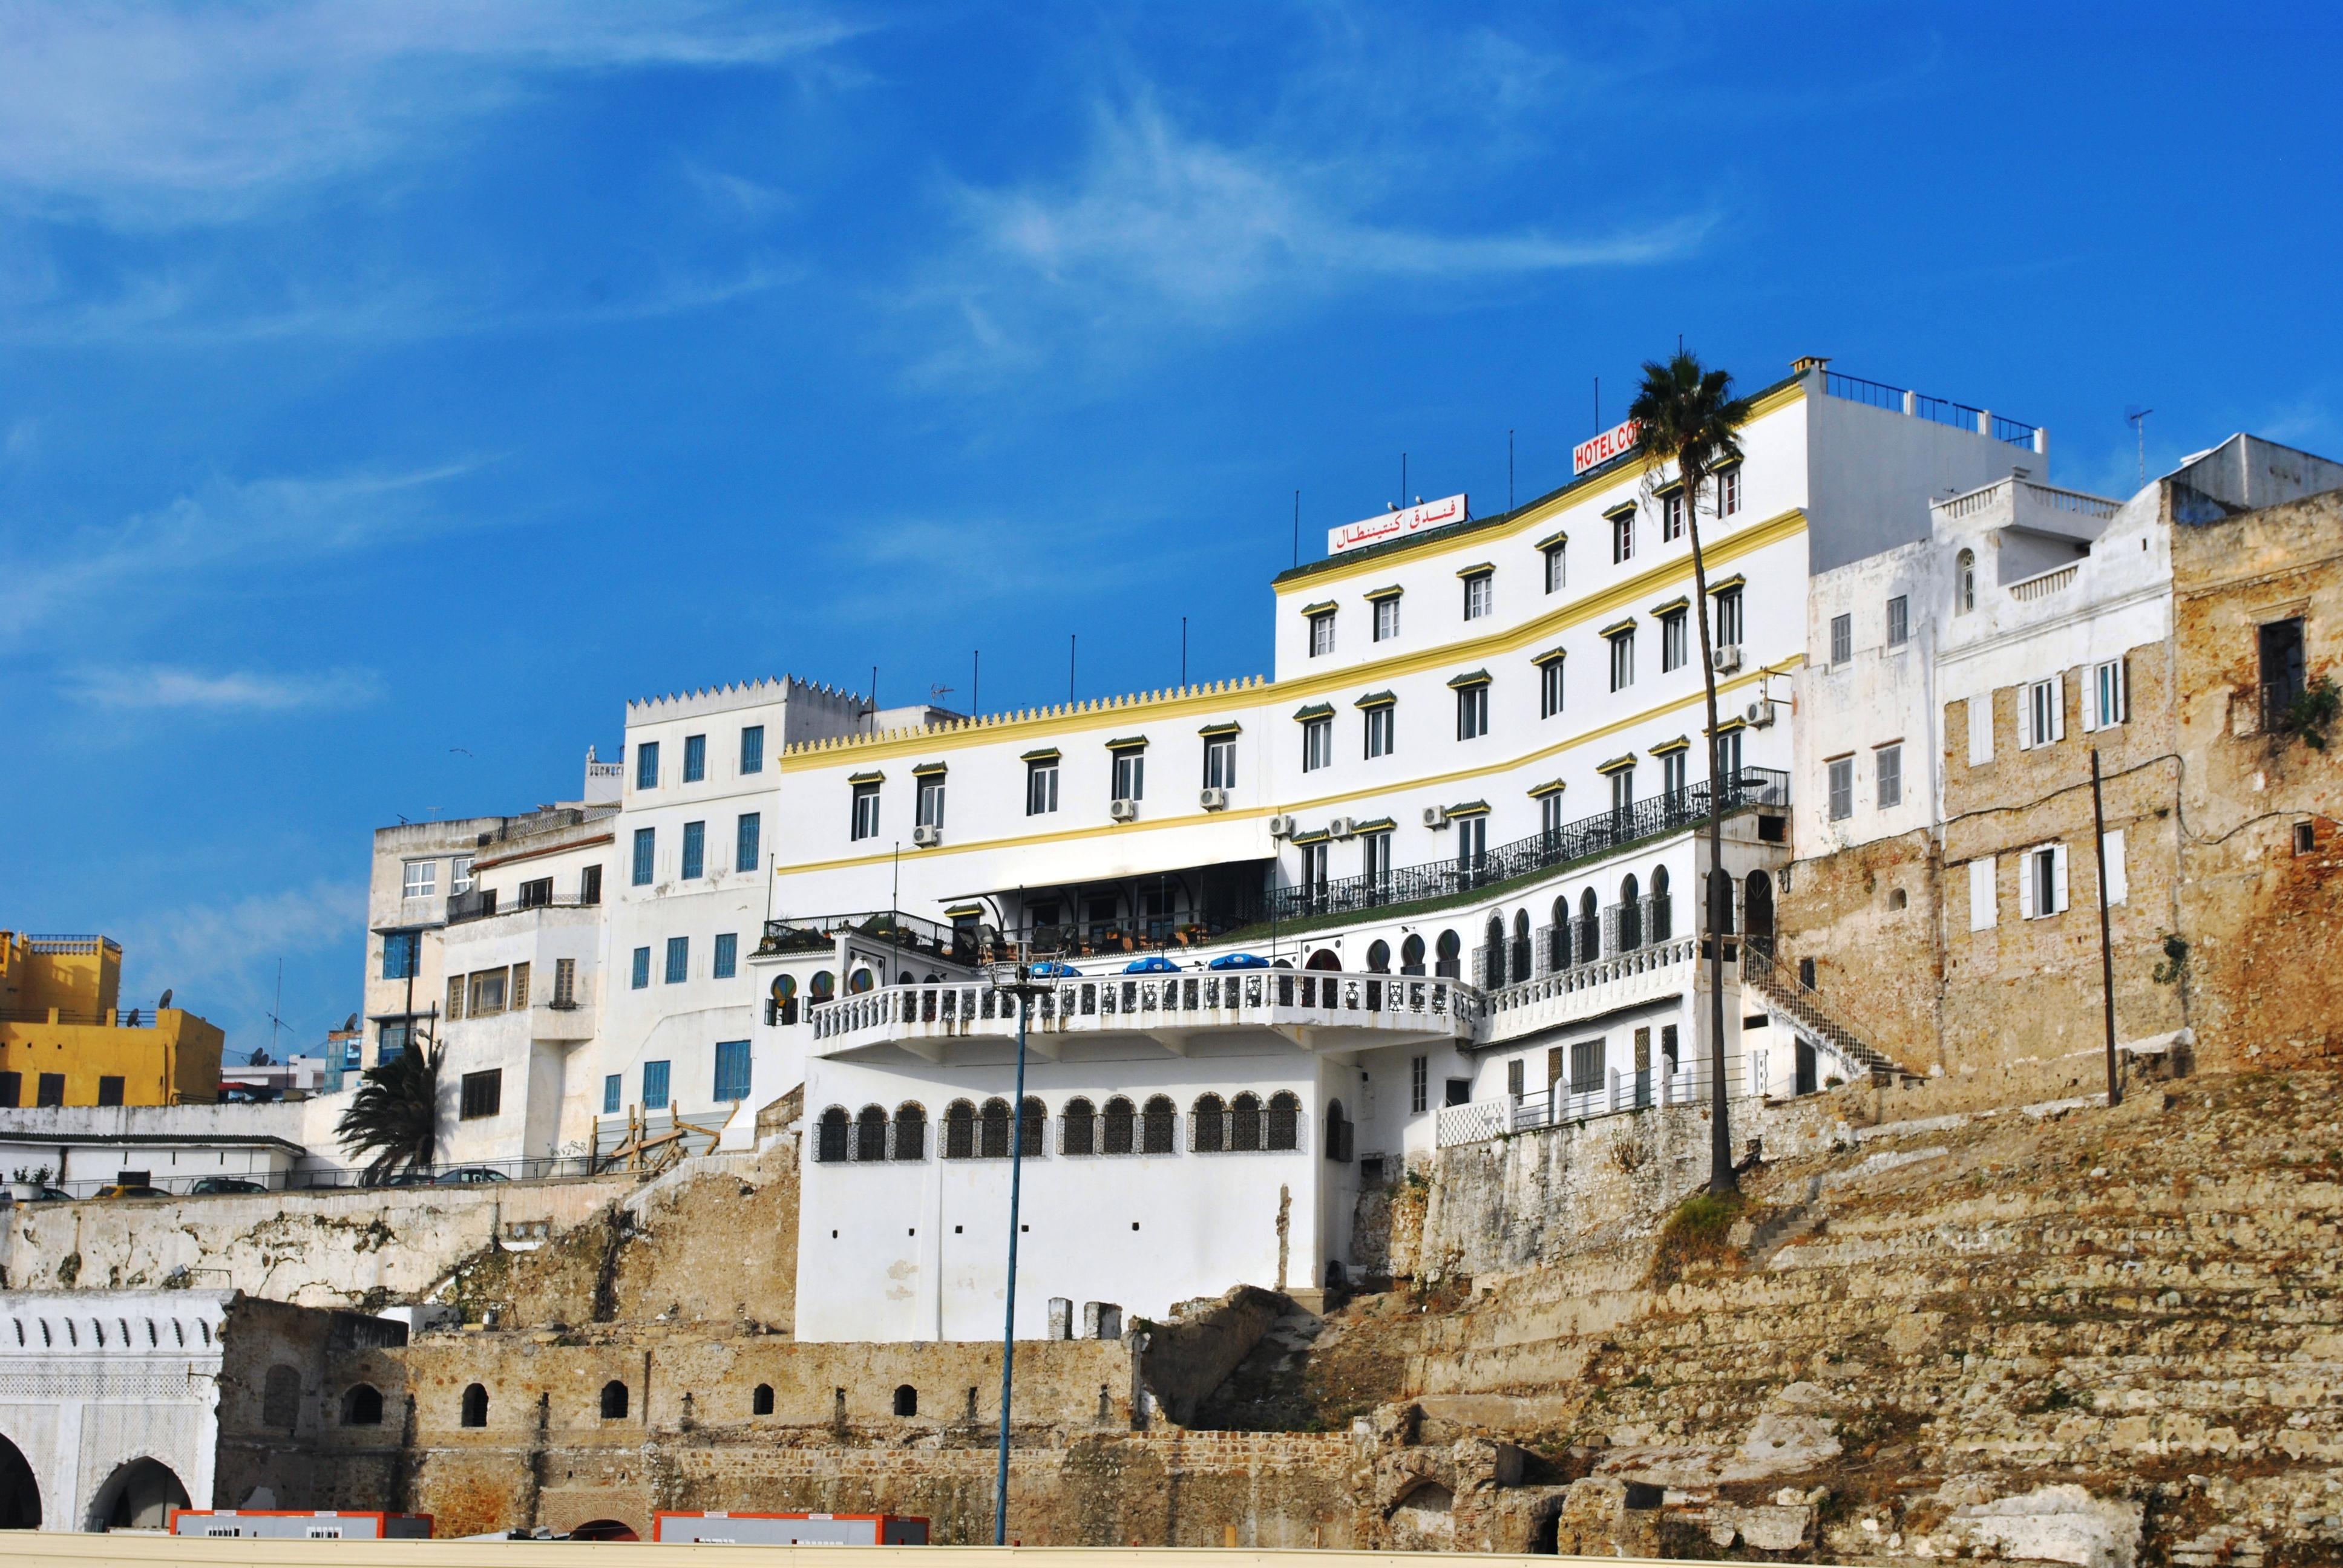 Tangiers Casino History